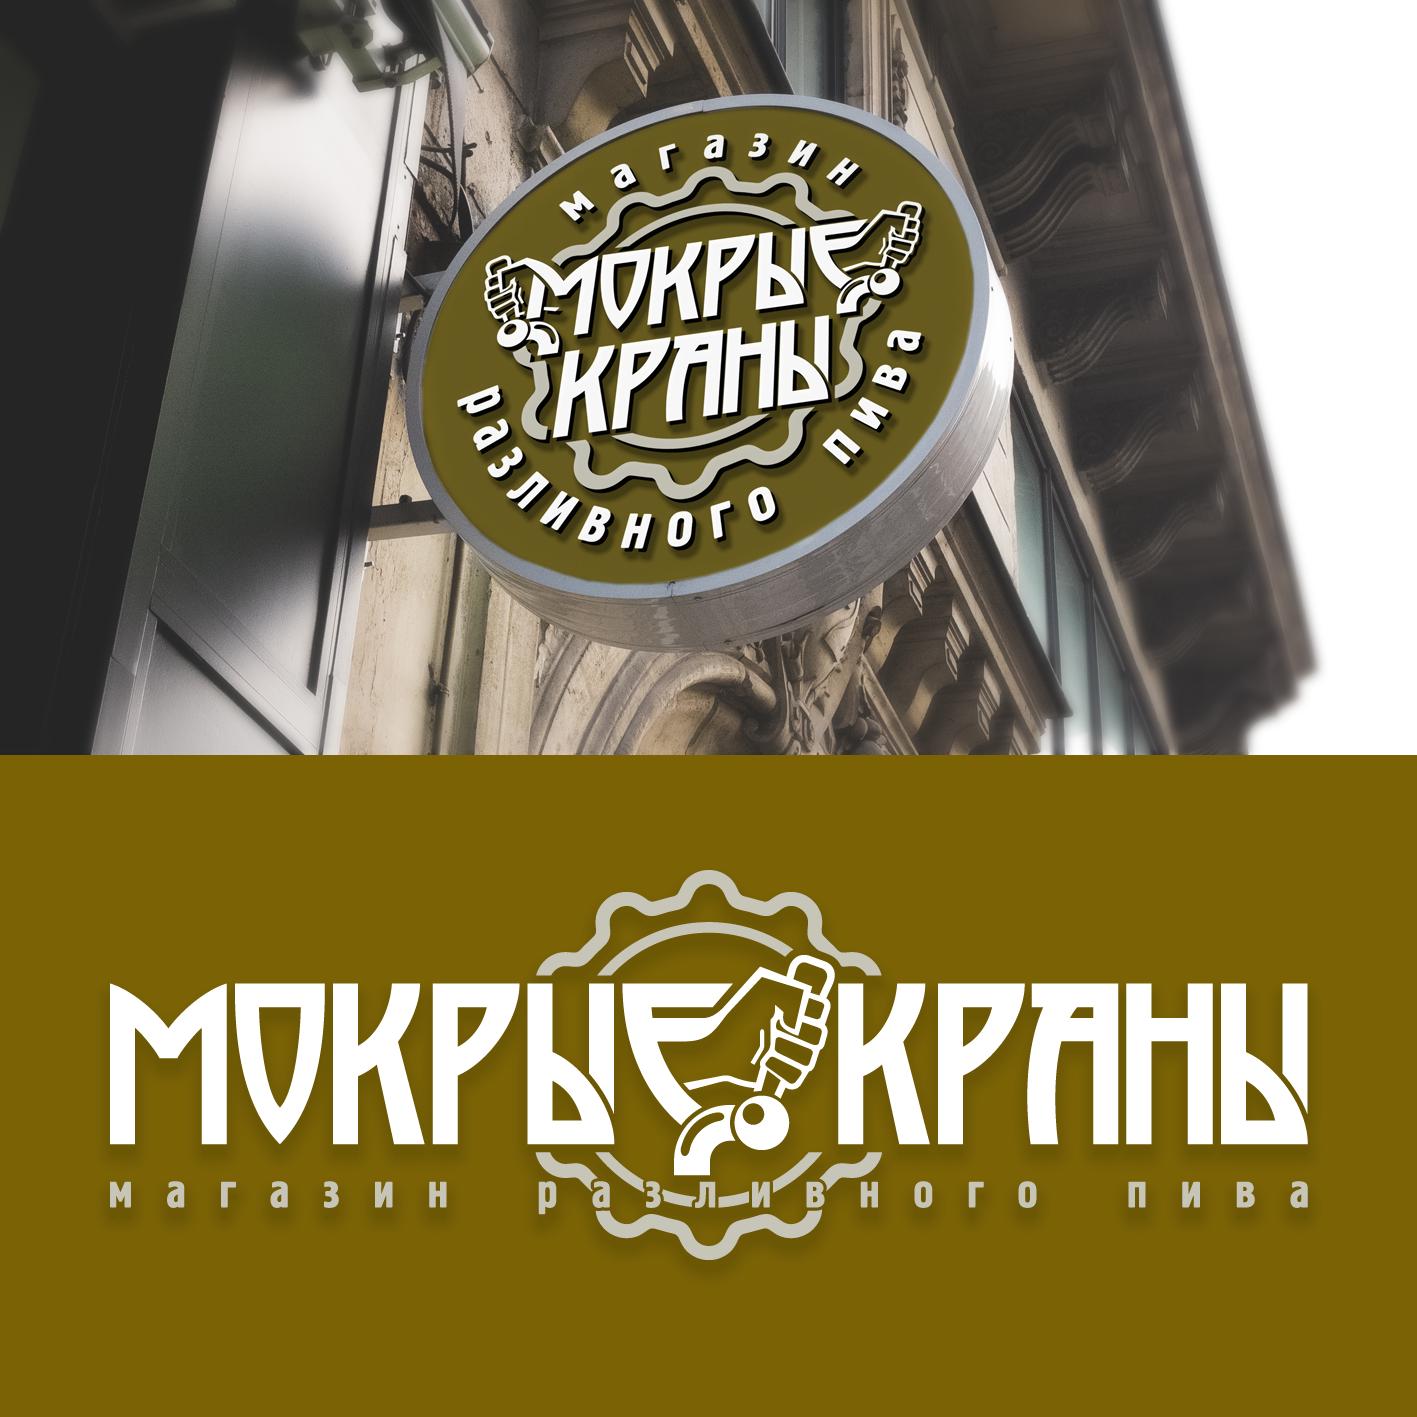 Вывеска/логотип для пивного магазина фото f_1946023ca3c96bf5.png